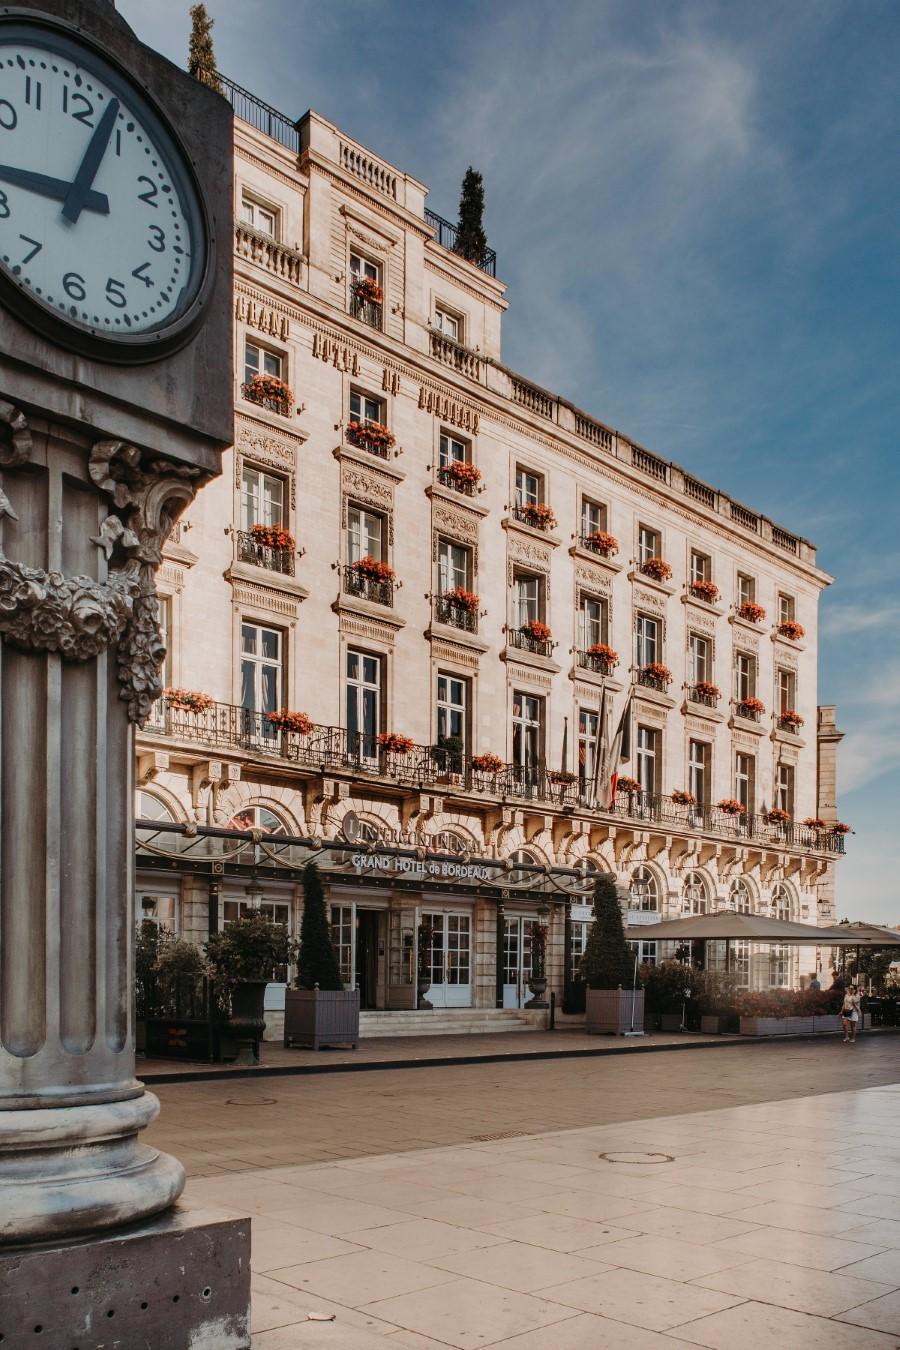 L'InterContinental Bordeaux - Le Grand Hôtel élu Meilleur Hôtel de France 2018